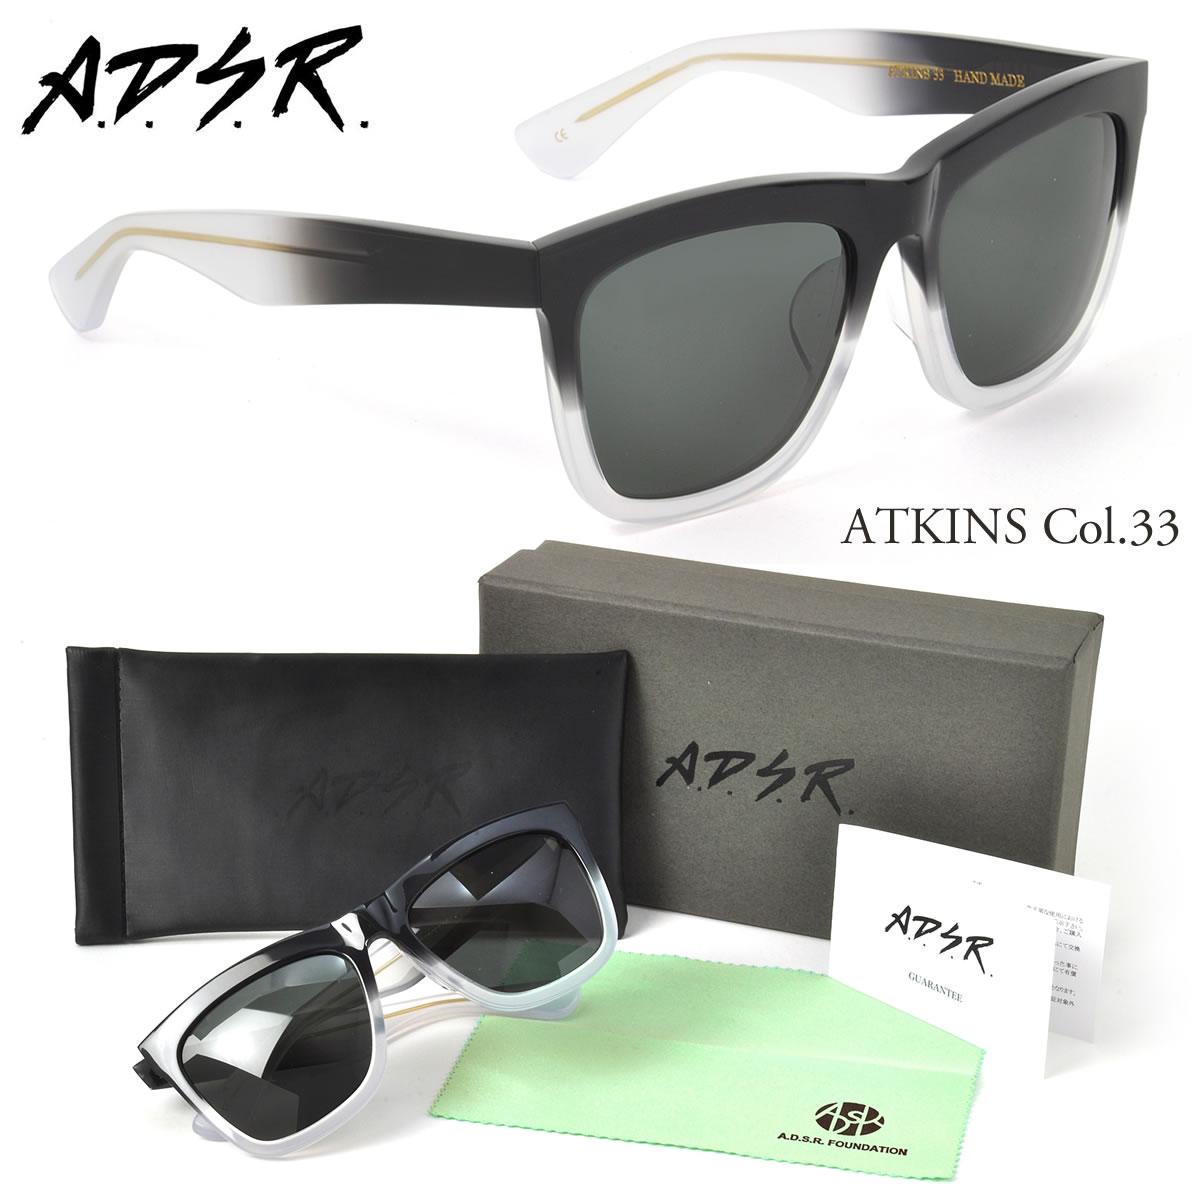 (A D Software Research Associate)太阳眼镜ATKINS 33 56尺寸A D Software Research Associate ADSR人分歧D